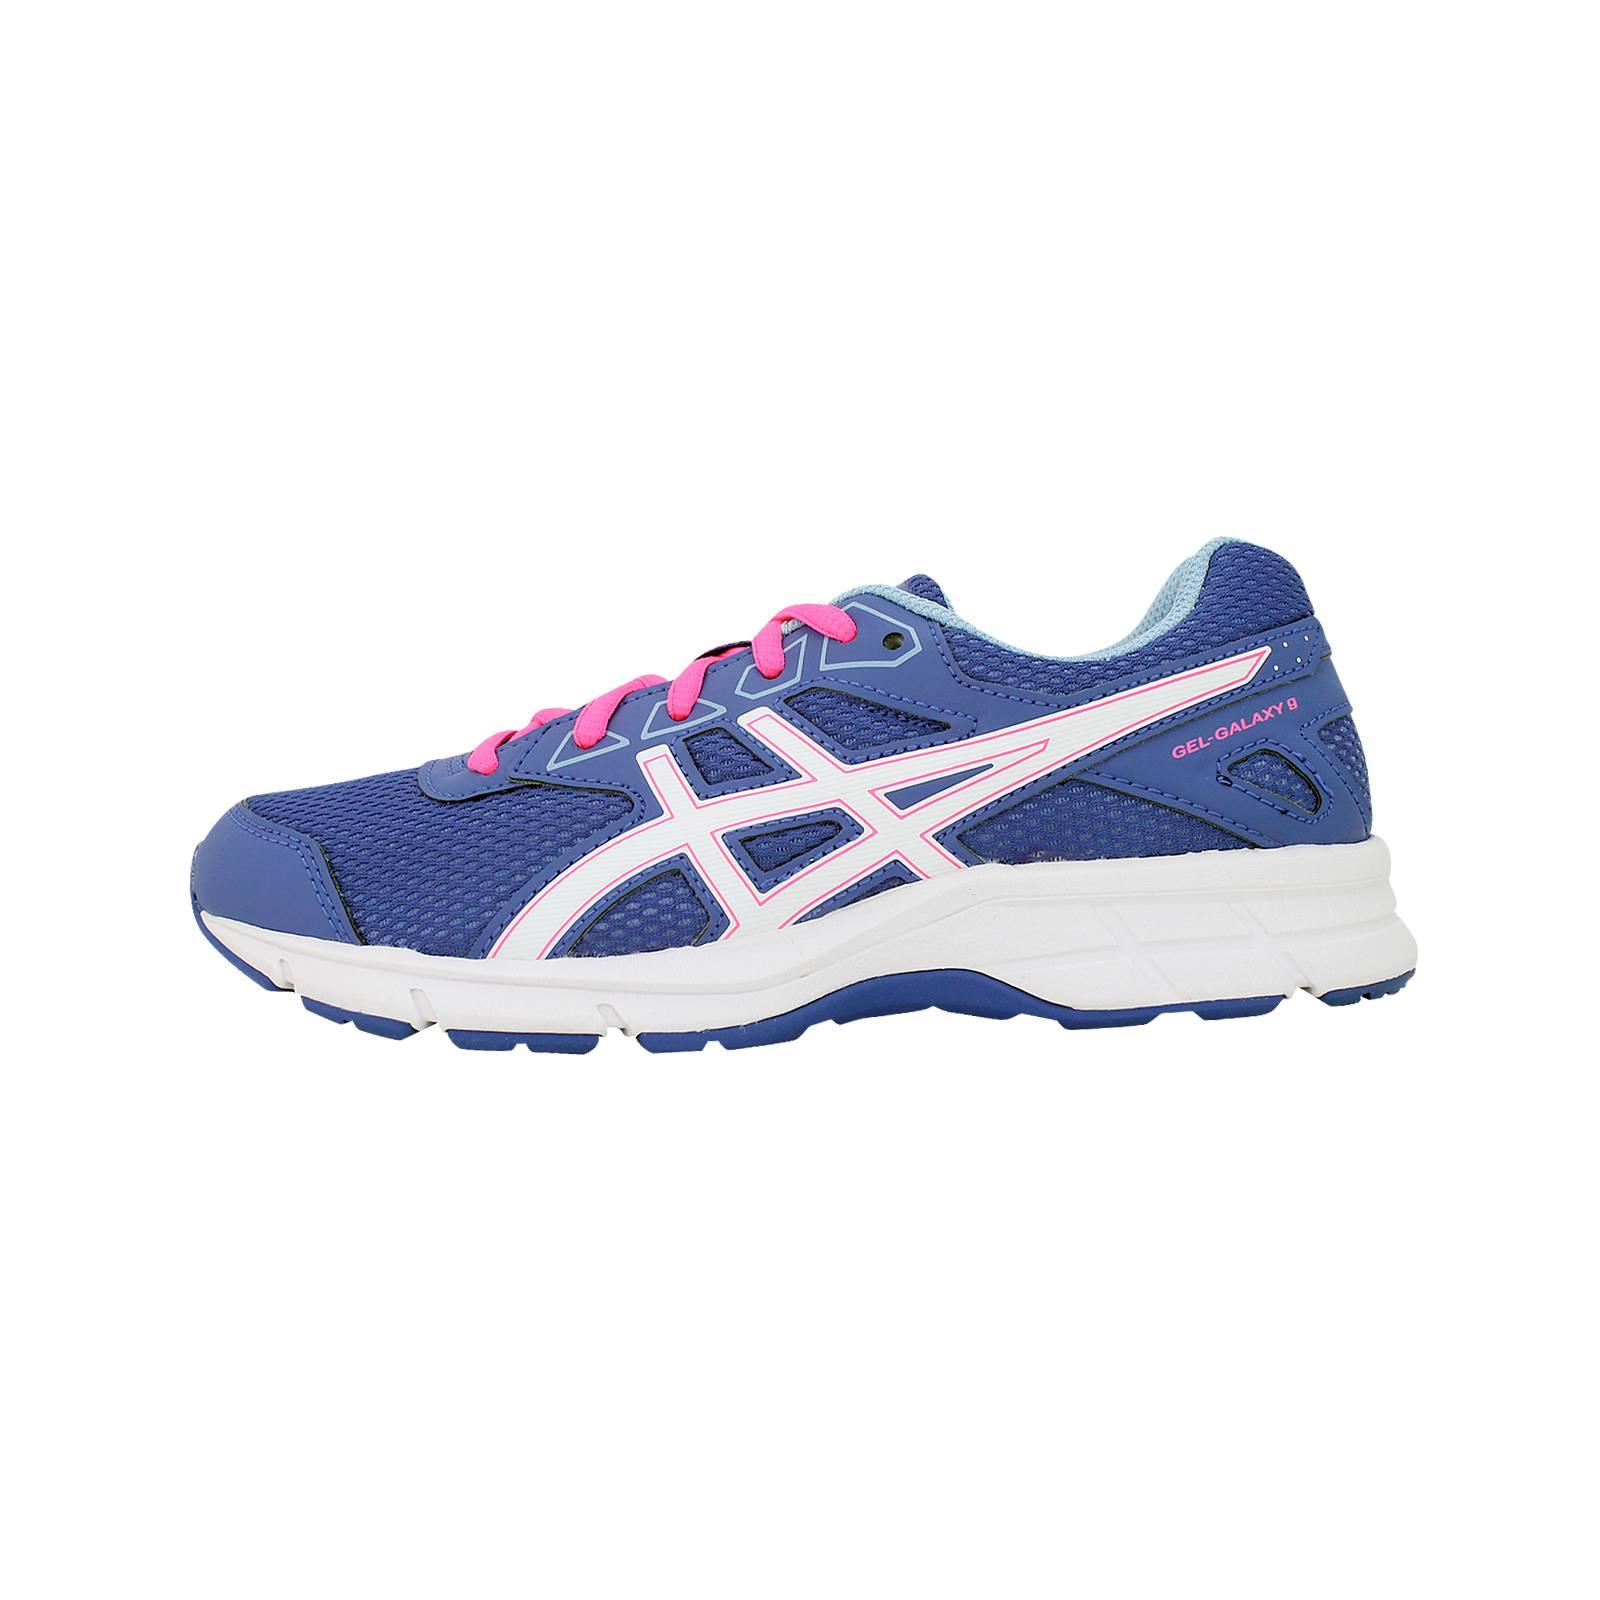 527f909e315 Gel-Galaxy 9 GS - Παιδικά αθλητικά παπούτσια Asics από ύφασμα και ...